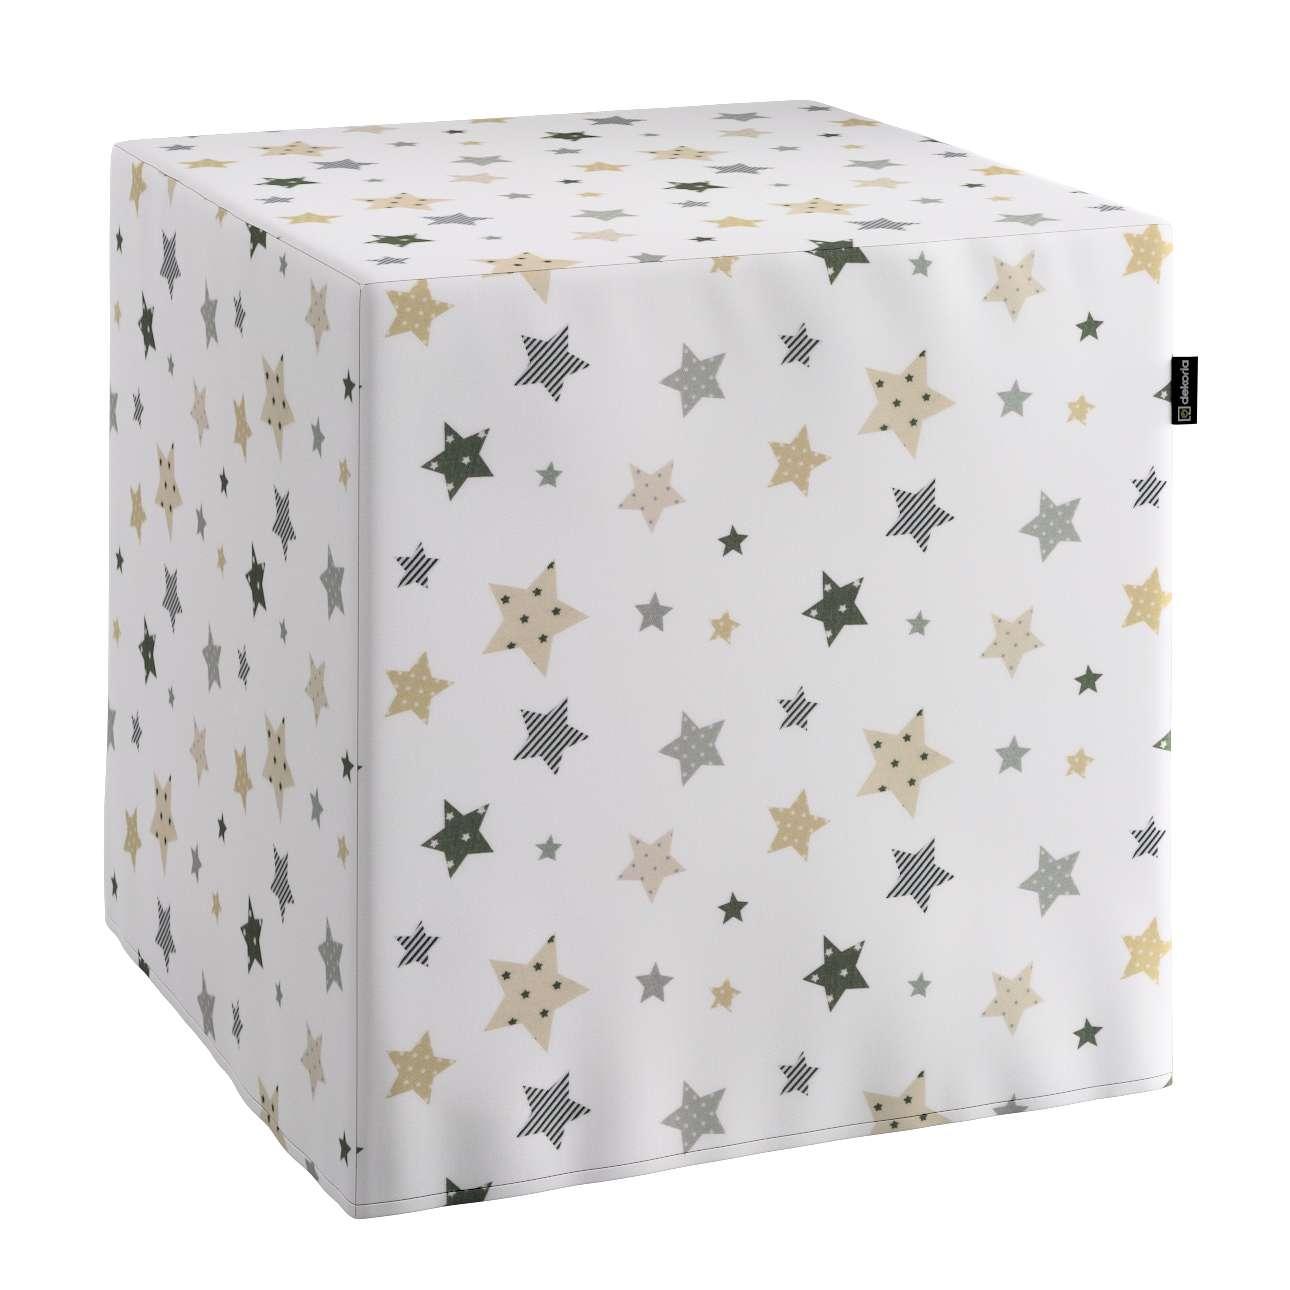 Sitzwürfel, creme-beige, 40 × 40 × 40 cm, Adventure   Wohnzimmer > Hocker & Poufs > Sitzwürfel   Dekoria